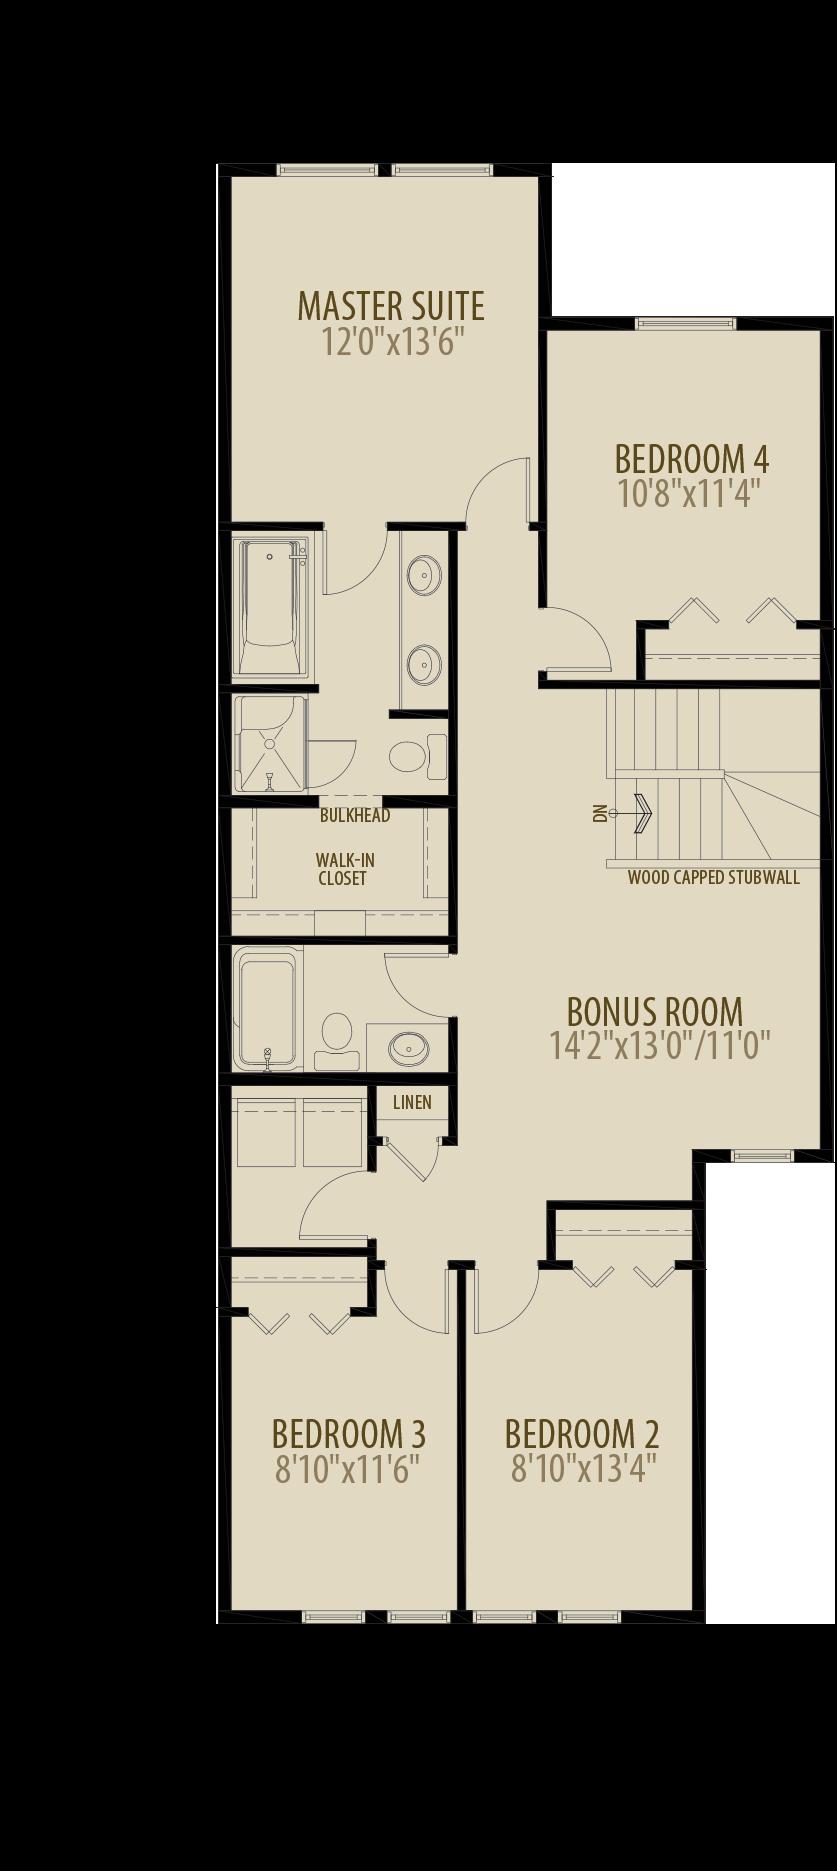 Option 8 4th Bedroom Bonus Rooom Adds 74 sq ft